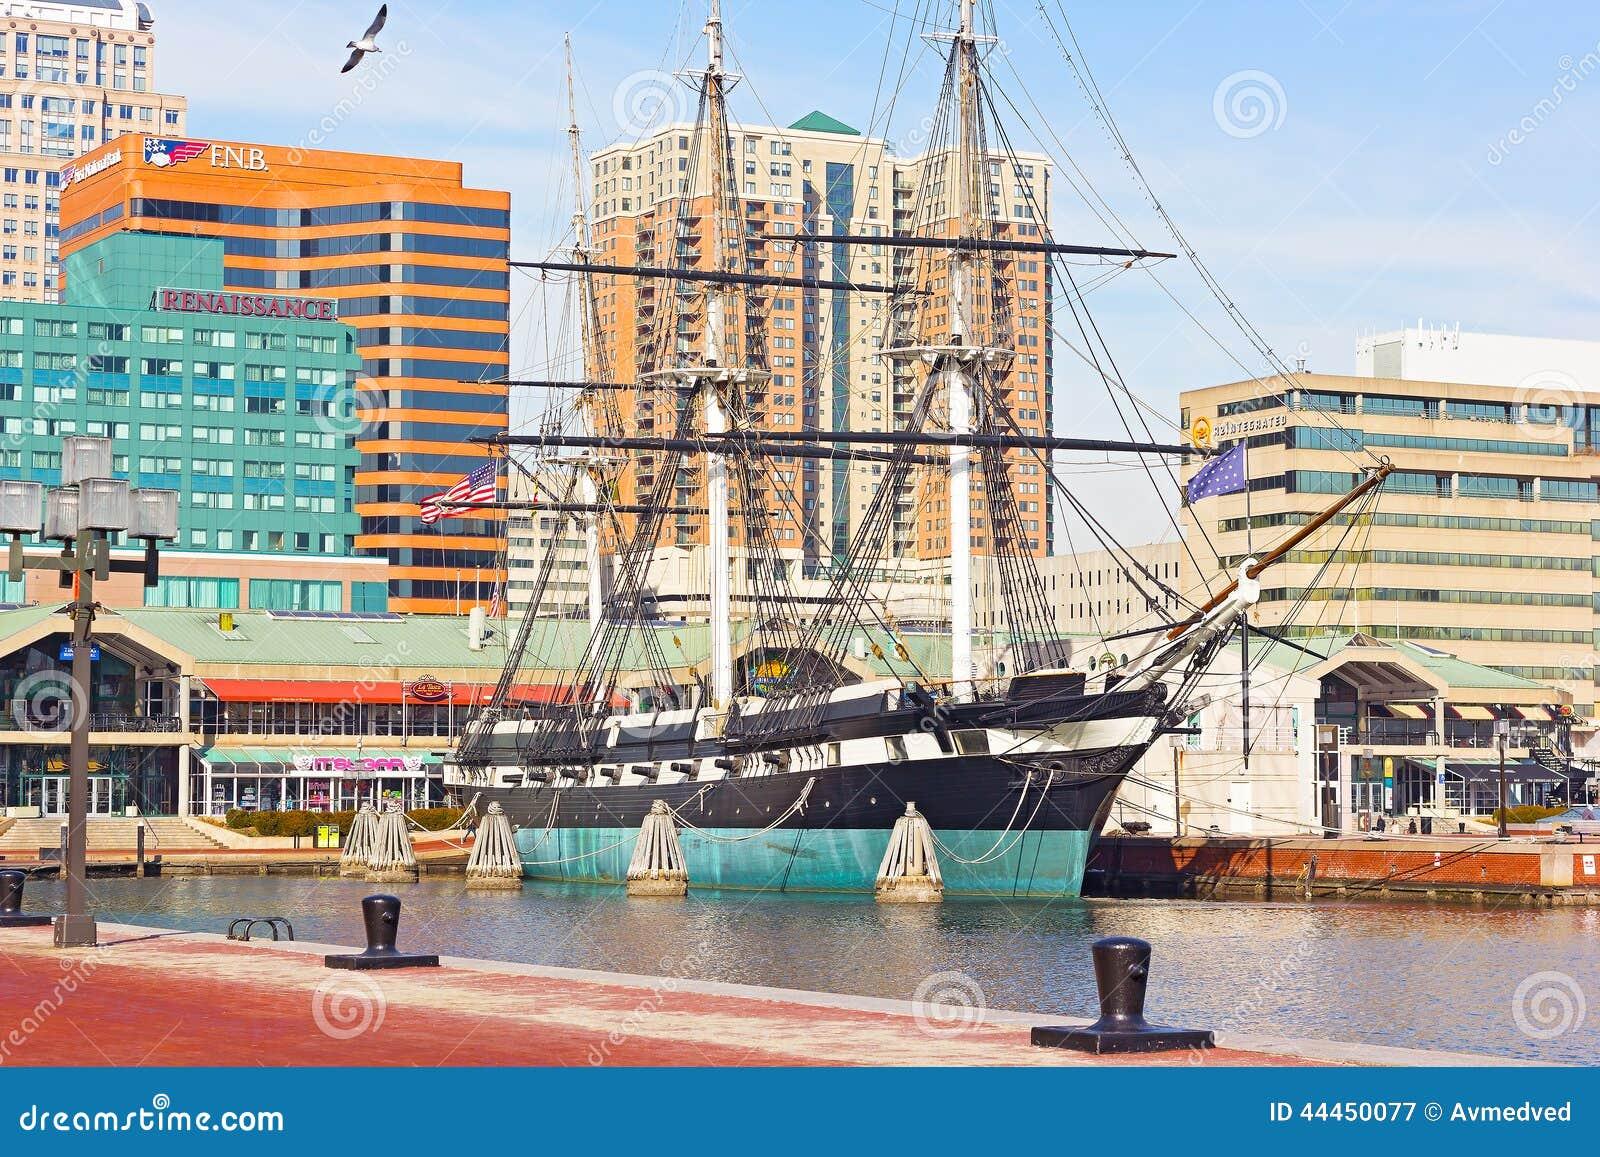 Best Restaurants In Baltimore Md Inner Harbor